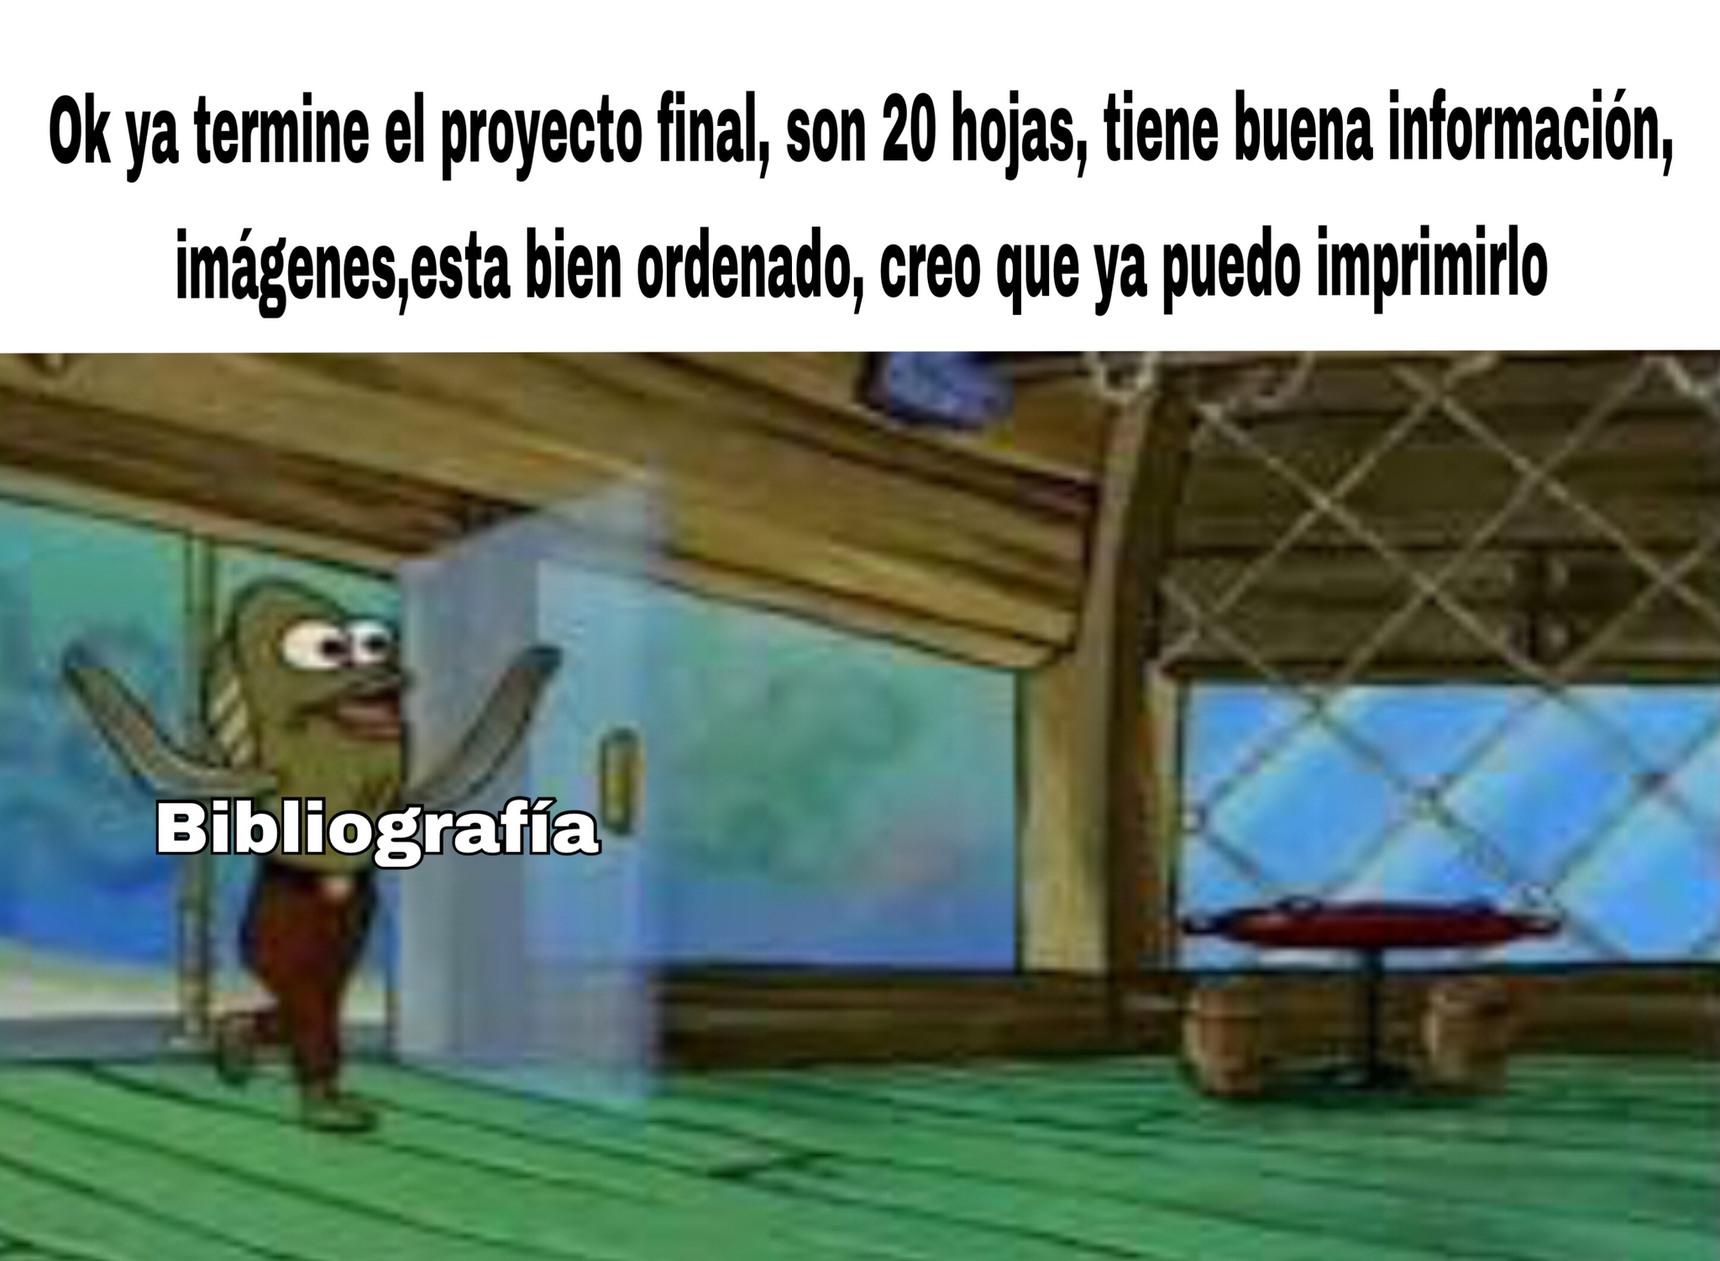 trabajos finales - meme